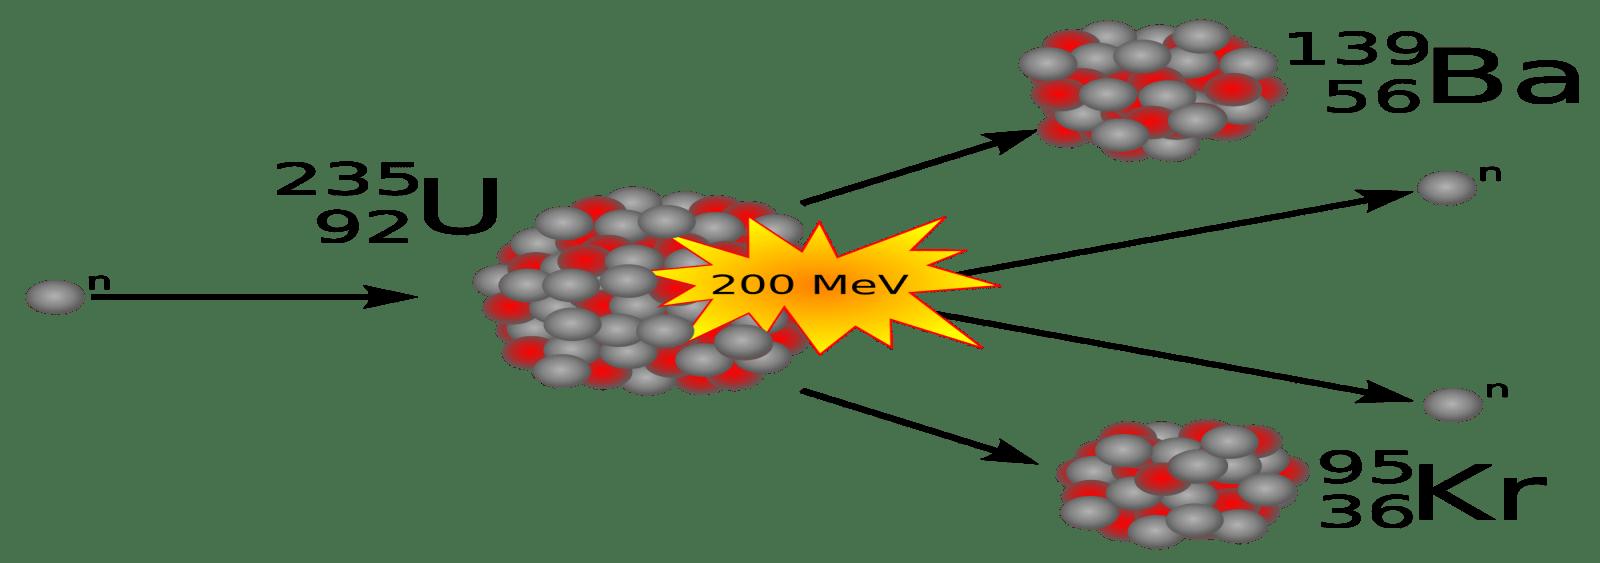 تفاعل الانشطار النووي لليورانيوم (U-235)